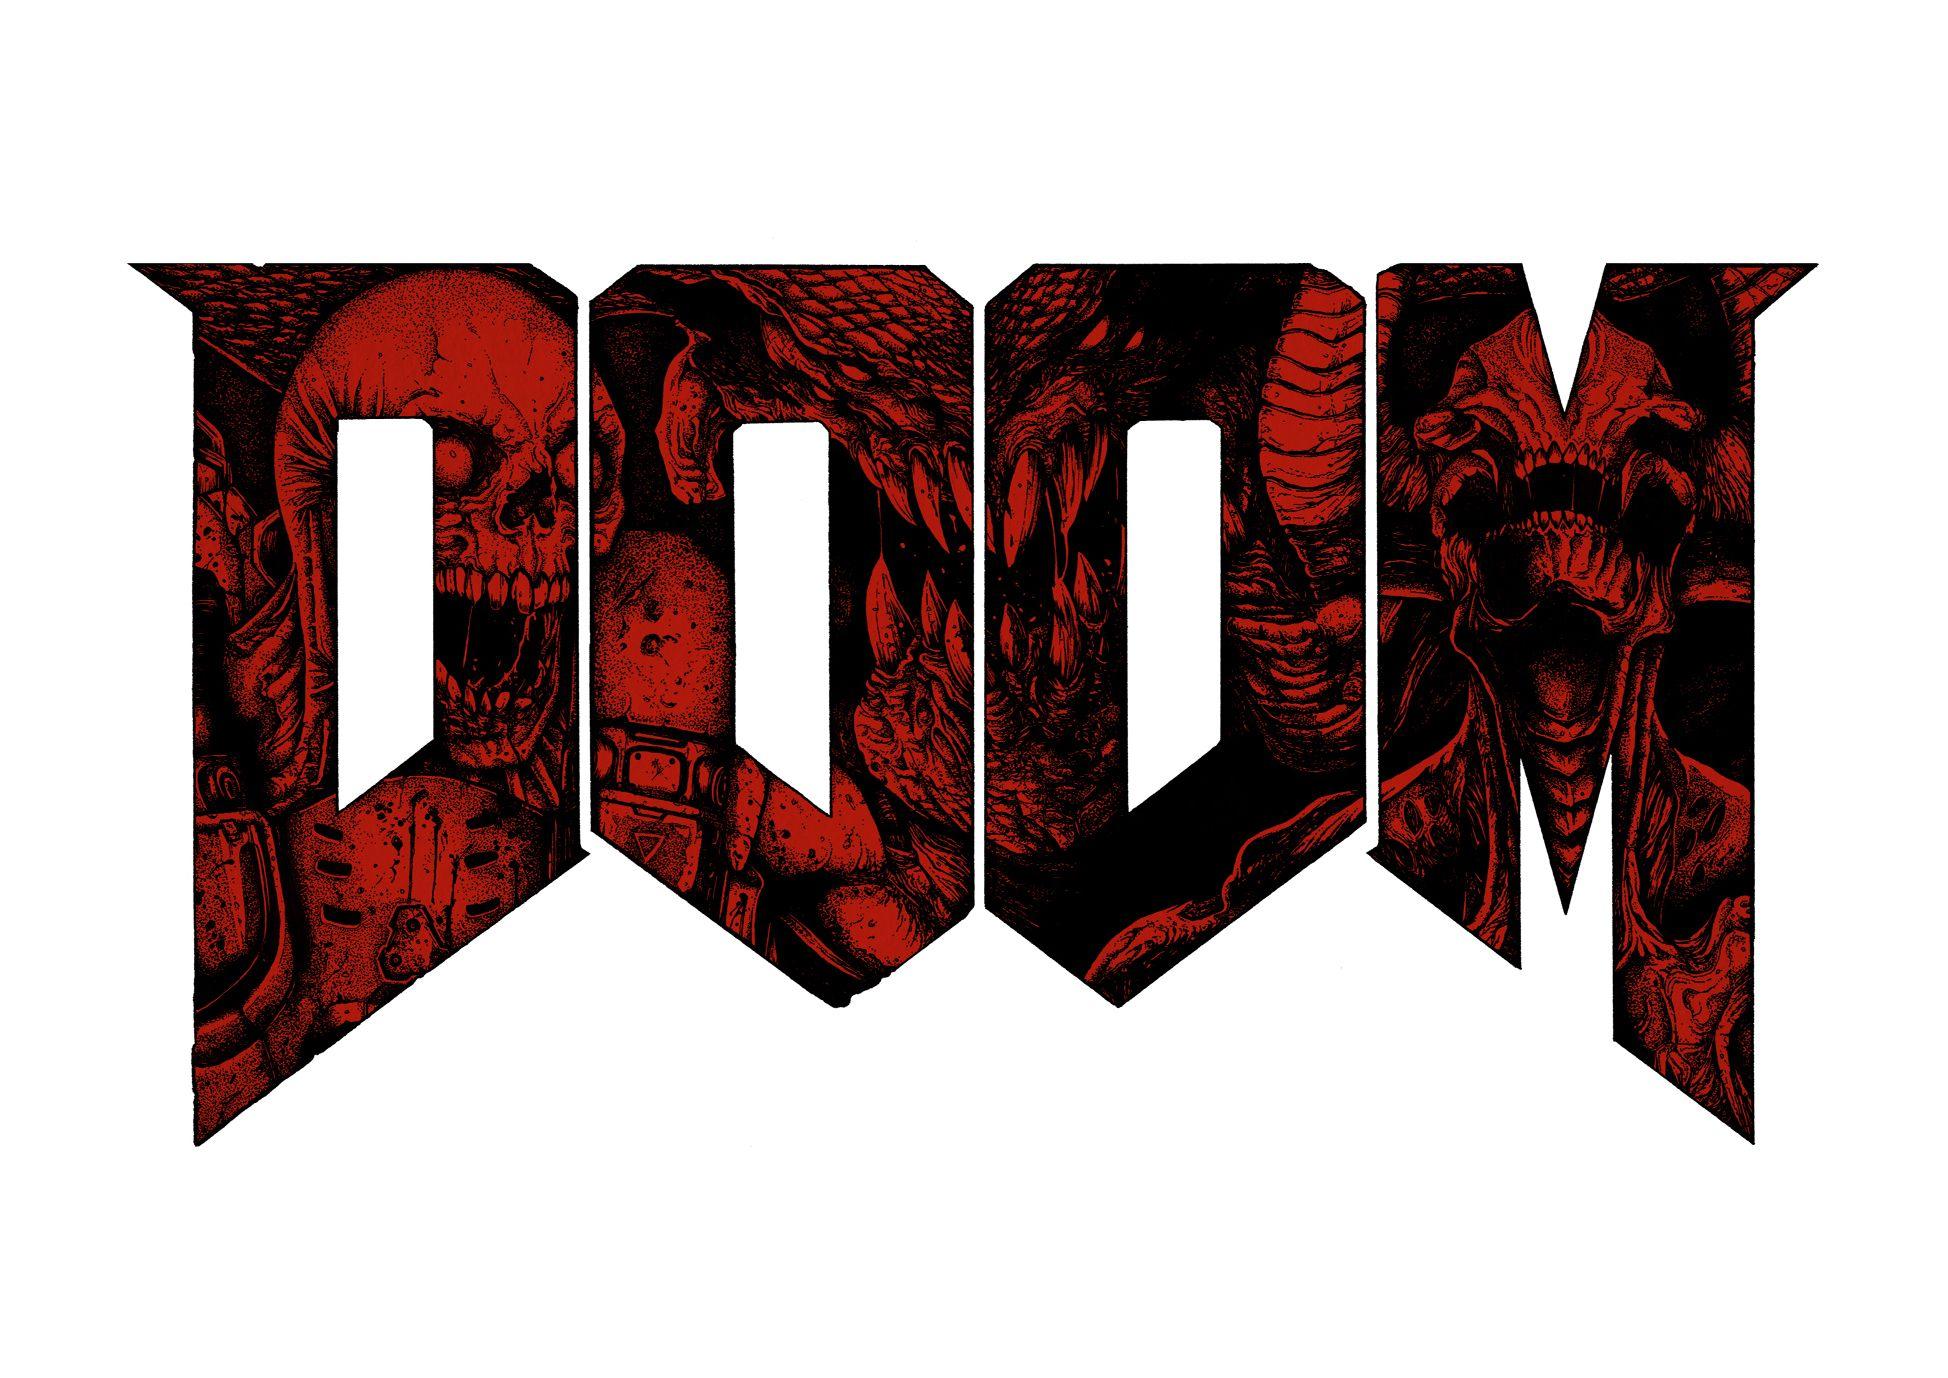 DOOM on Behance en 2020 Video juego, Juegos, S. a